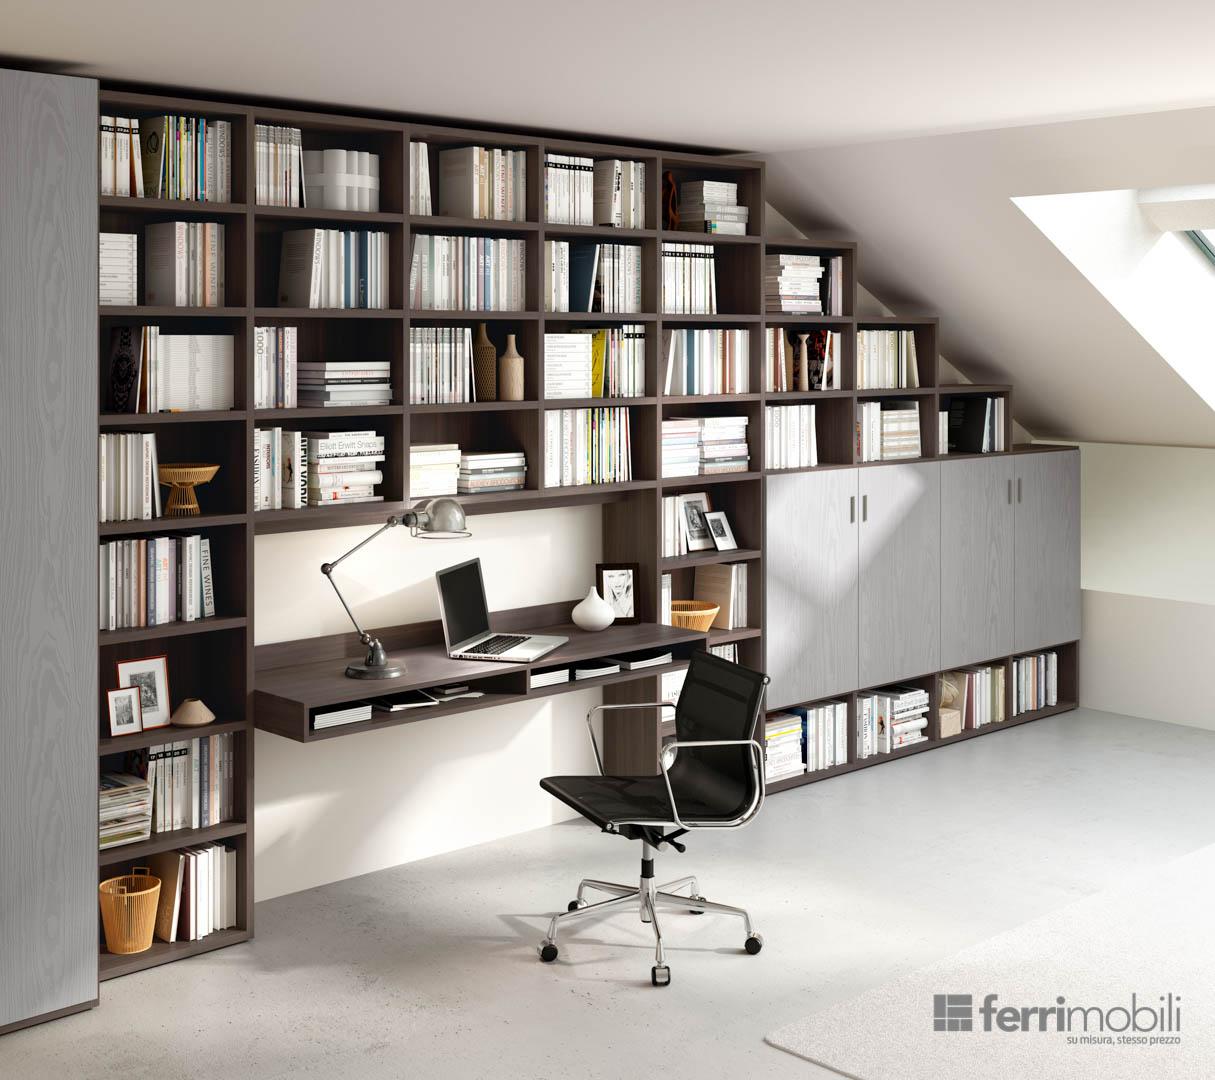 Prezzo Libreria Su Misura.Libreria Su Misura 72 Librerie Living Ferrimobili